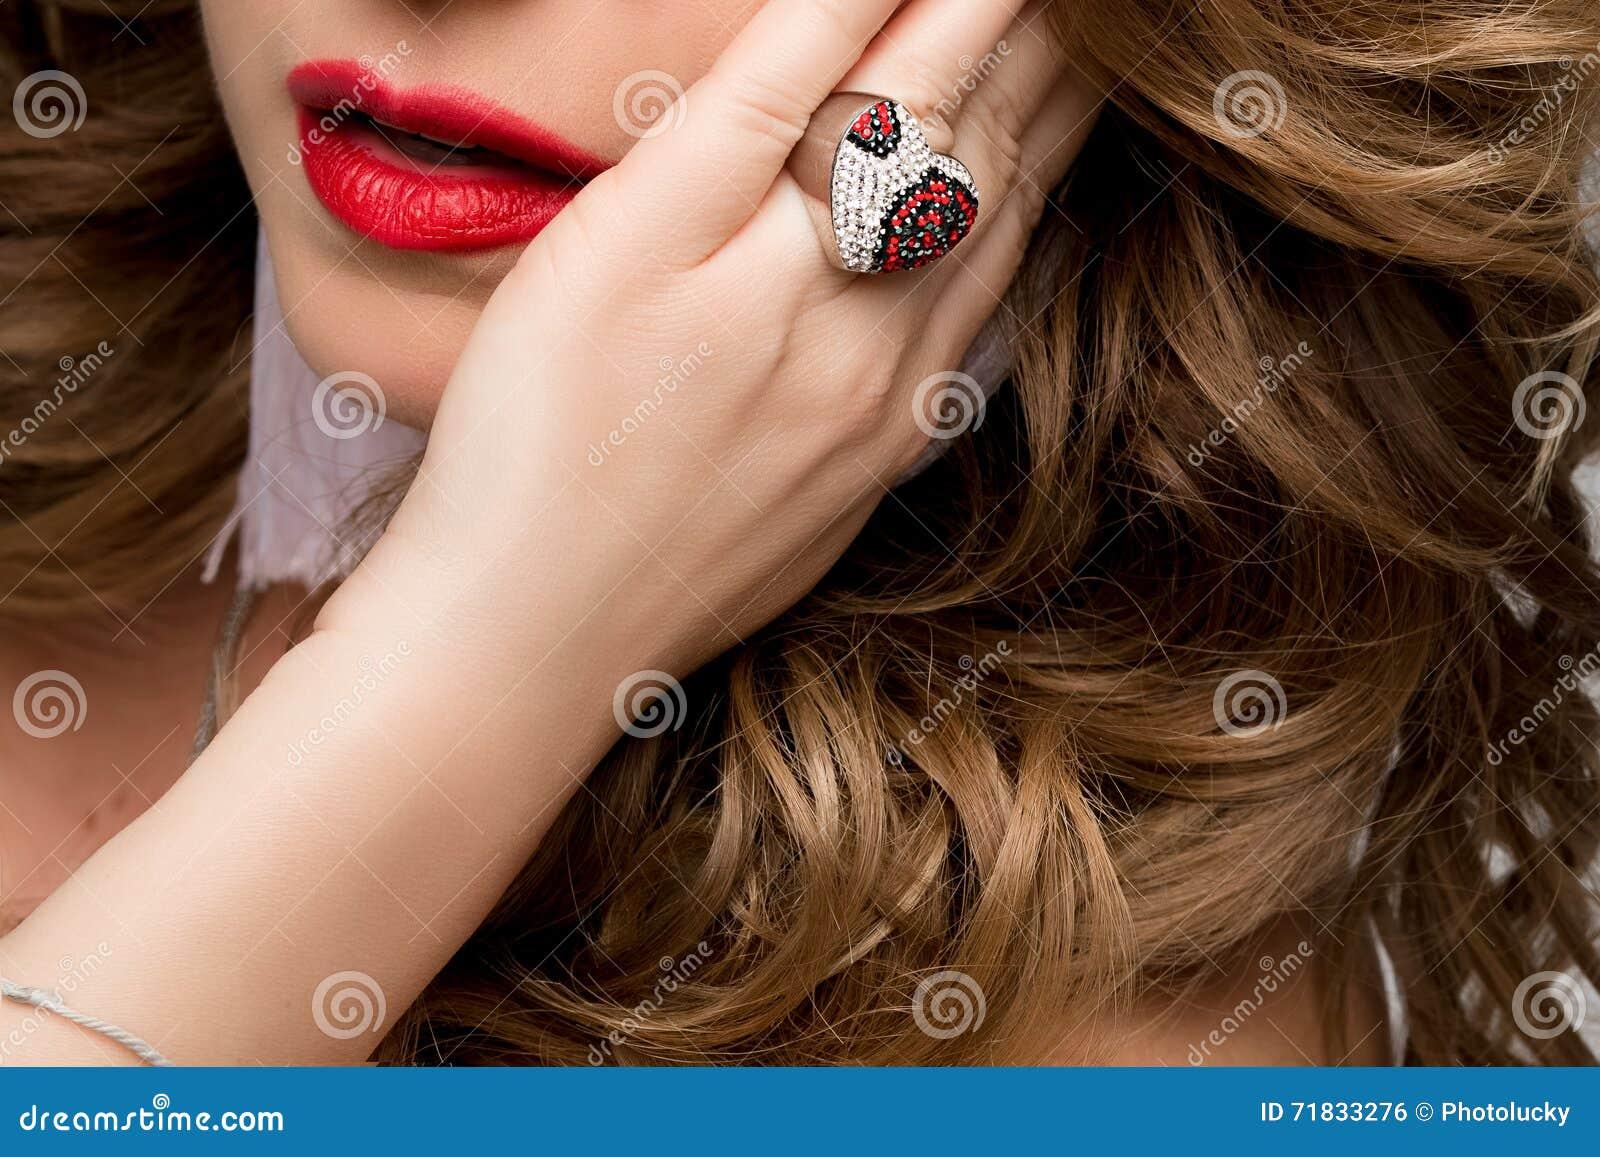 En stor stående av en kvinnas kanter och hand med cirkeln Cirkel med ädelstenar, silver och rött Framsida röda kanter